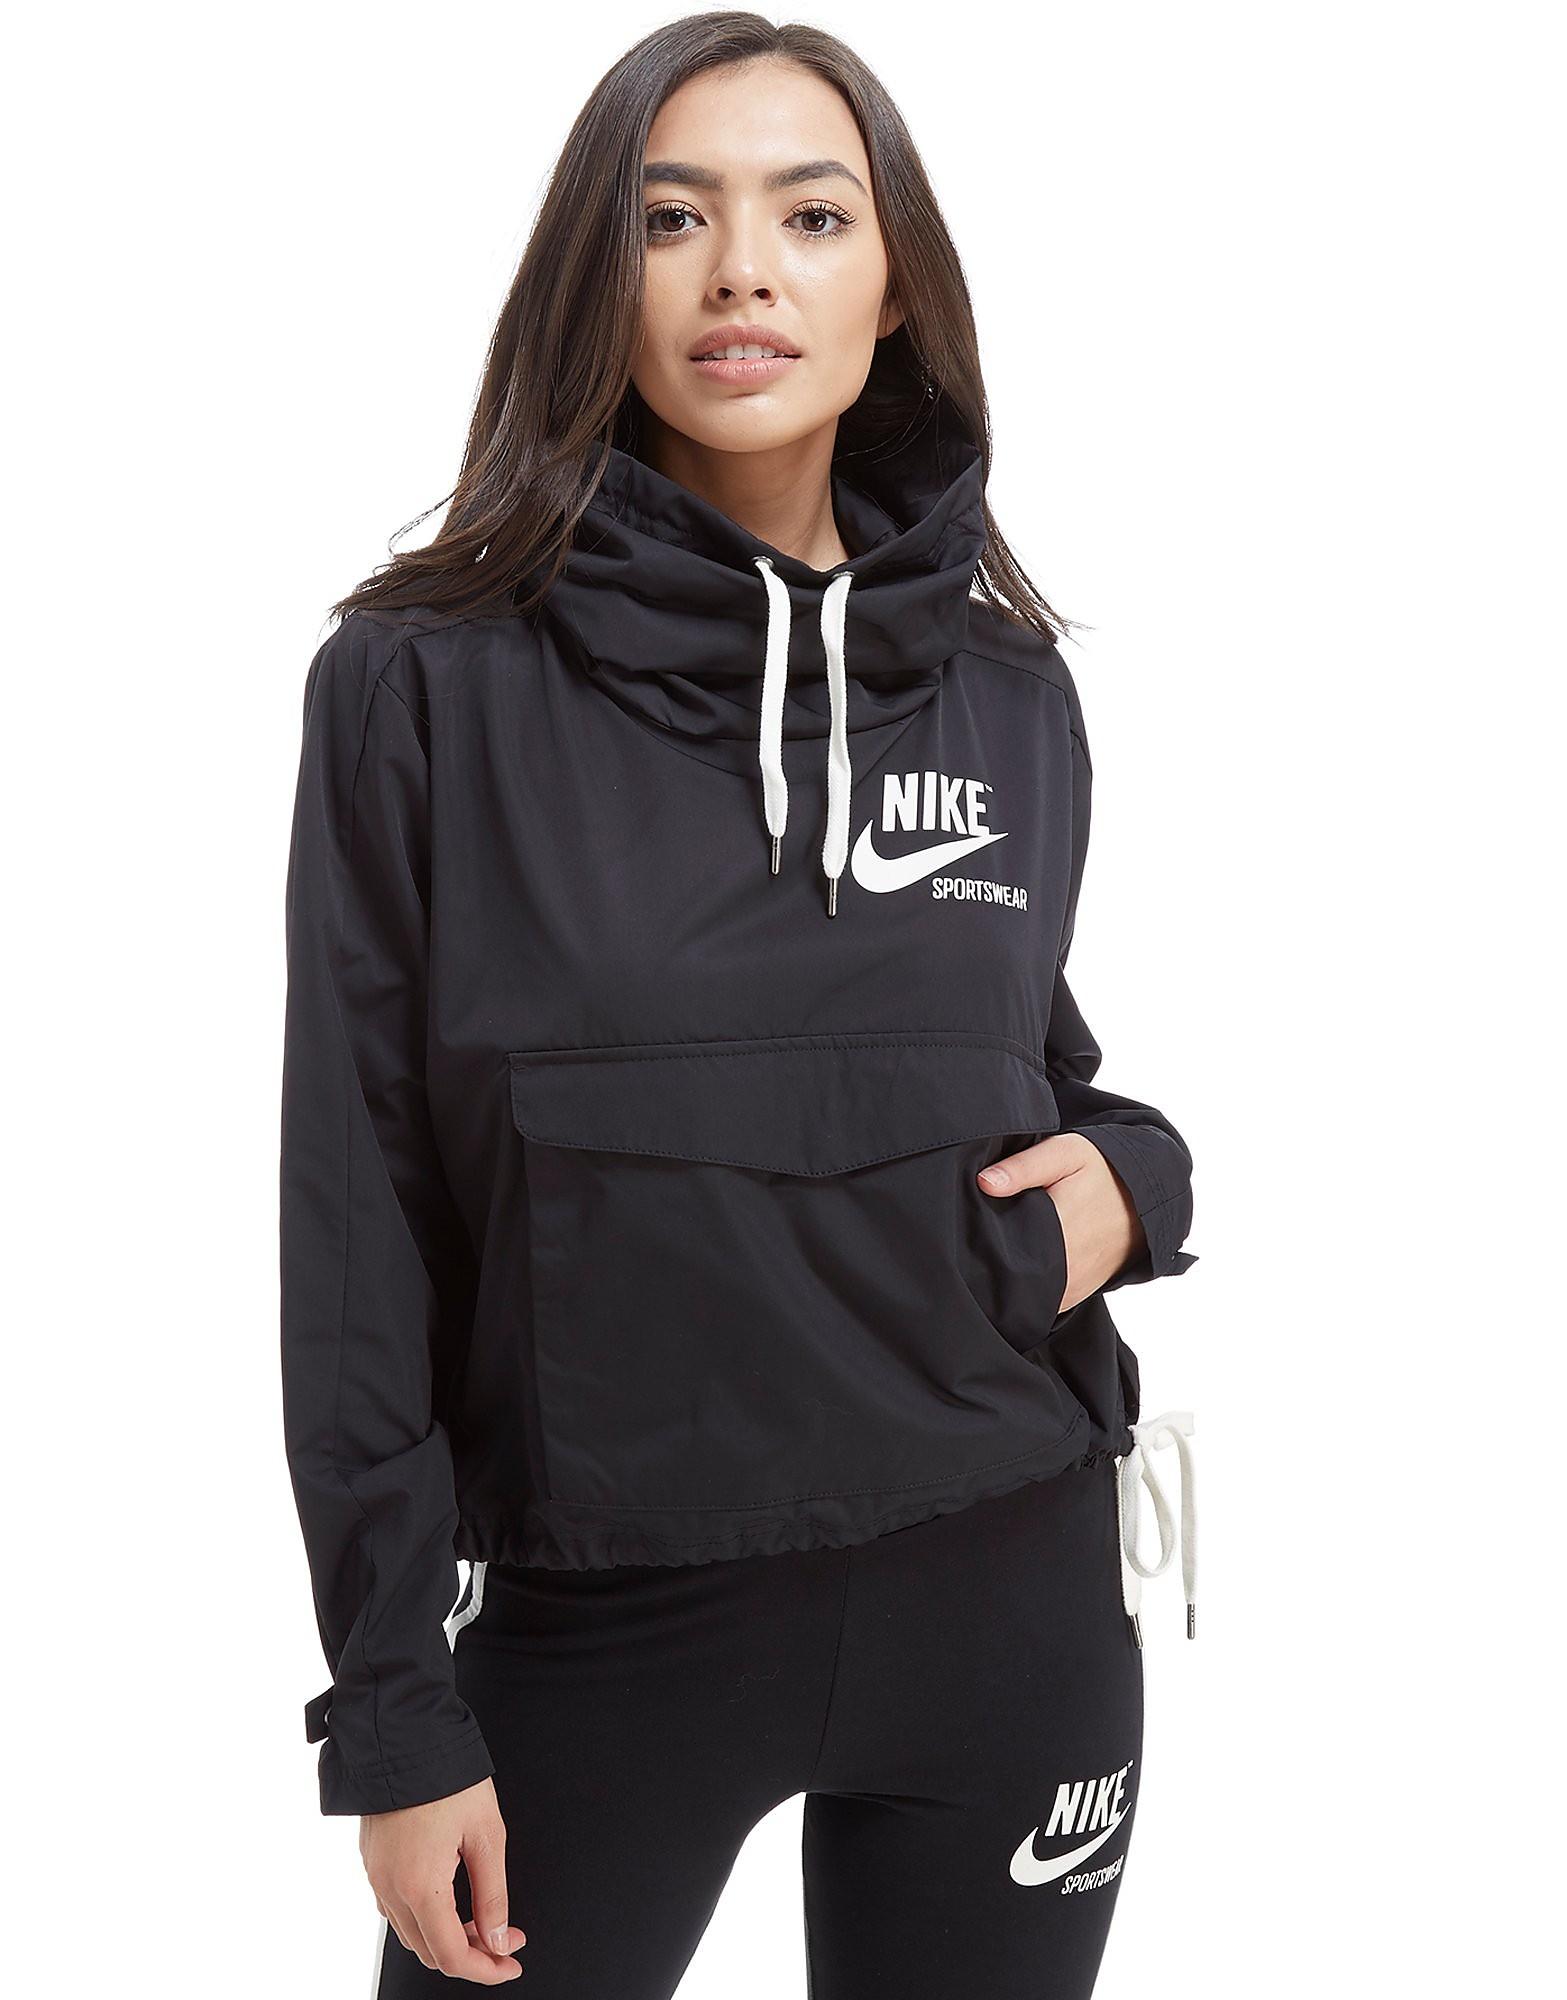 Nike Veste Archive Femme - Black, Black